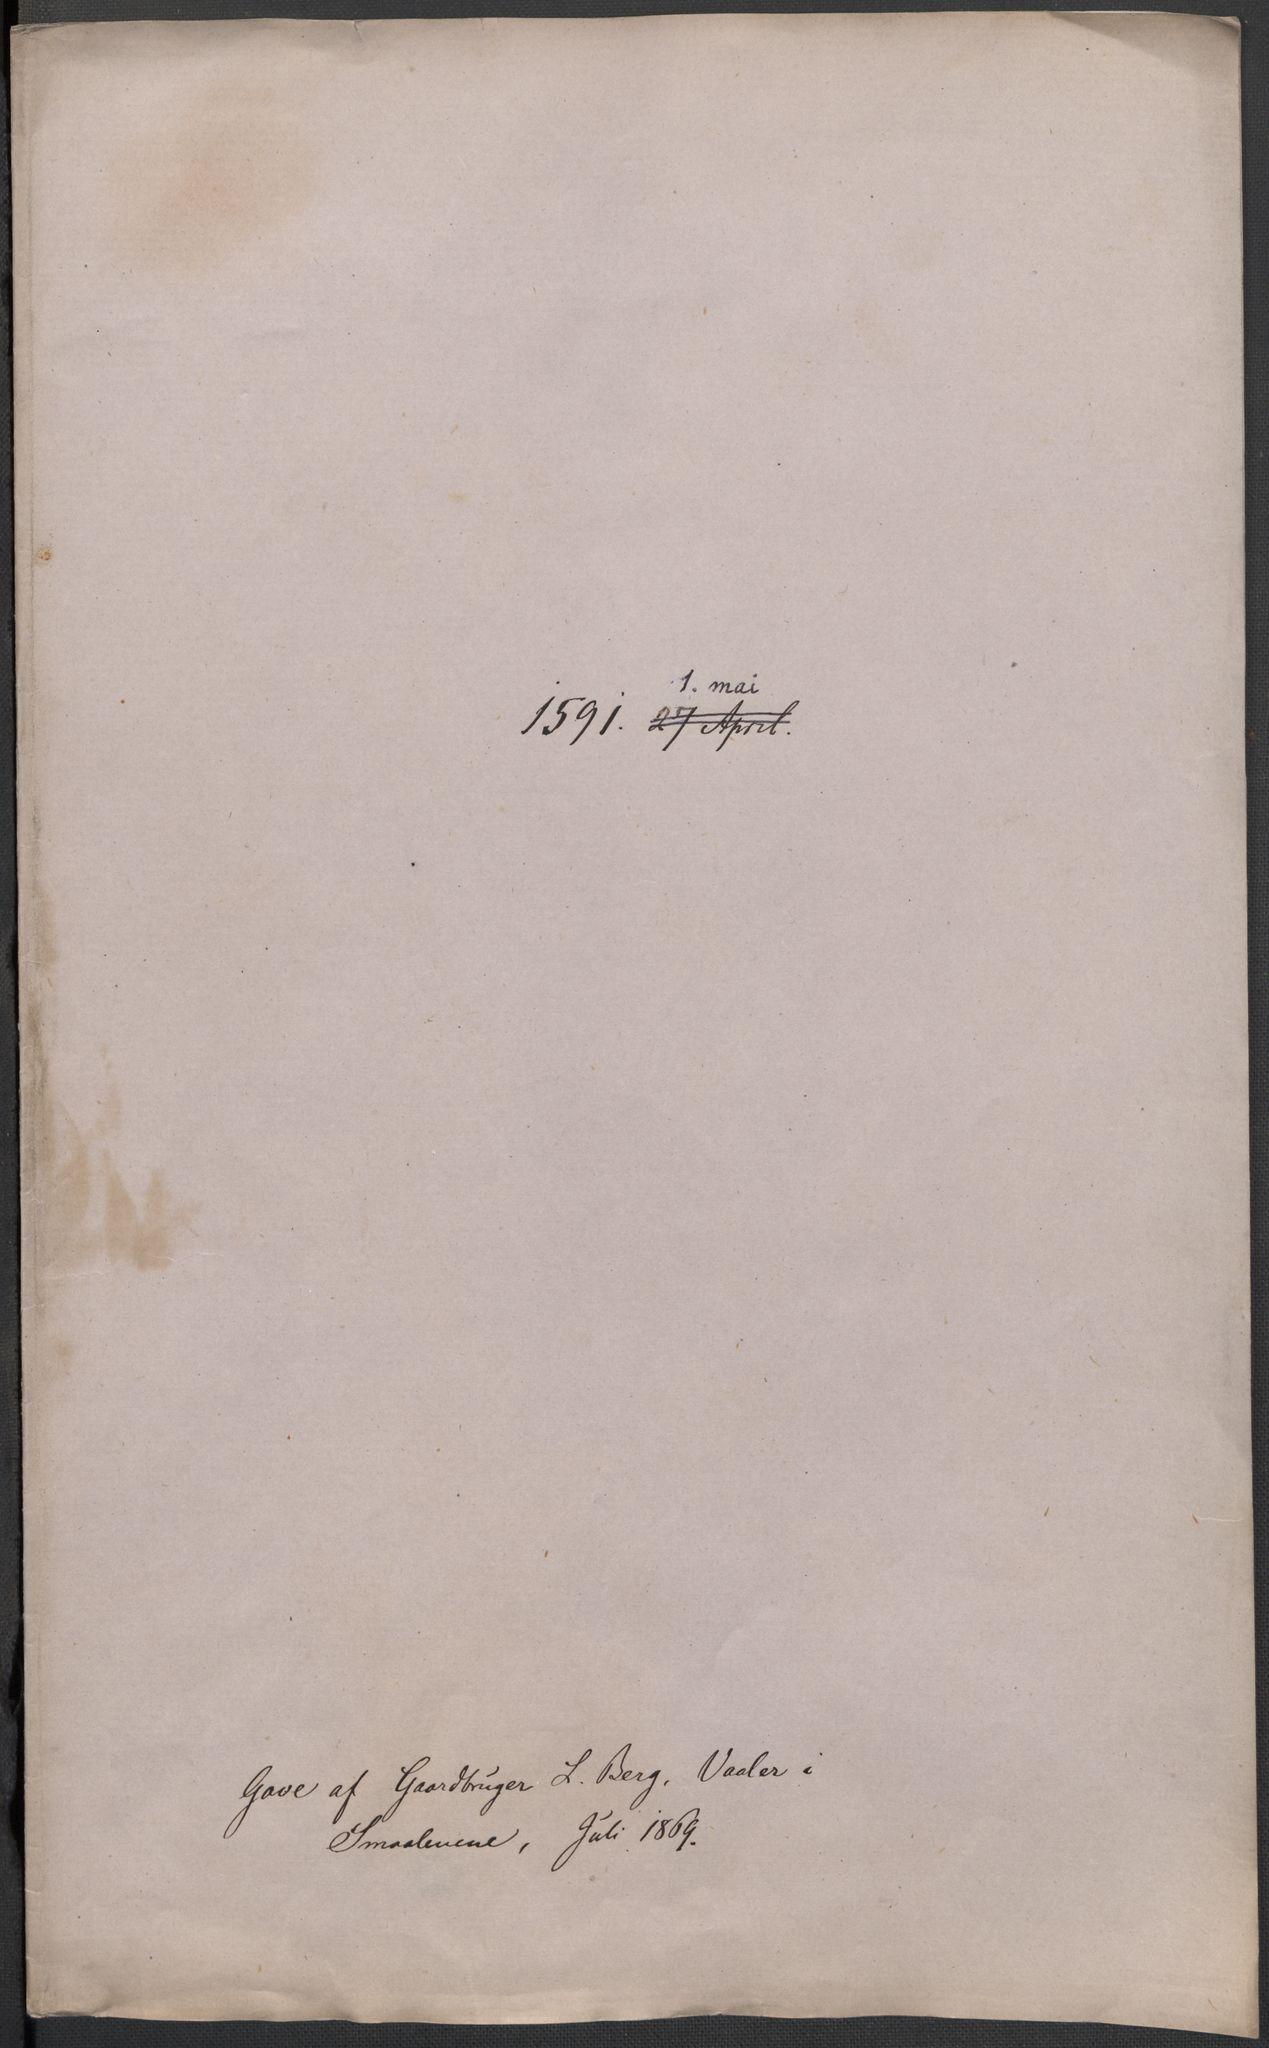 RA, Riksarkivets diplomsamling, F02/L0093: Dokumenter, 1591, s. 72